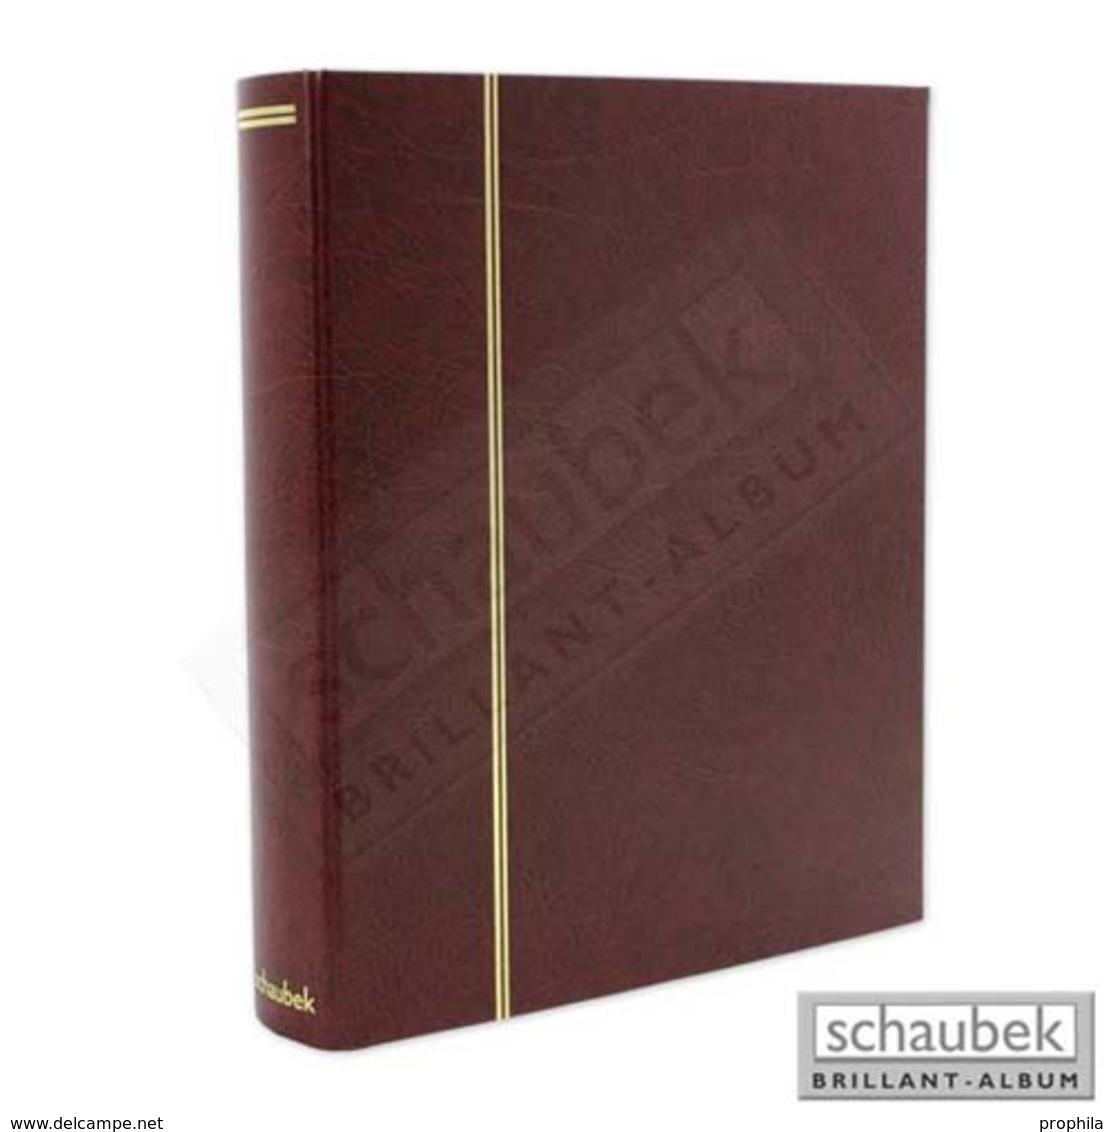 Schaubek Scrb-1131 Album Pour Cartes Postales Universal, Reliure Attaché, Avec 20 Feuilles Fo-113 Pour CP Rouge - Groß, Grund Schwarz